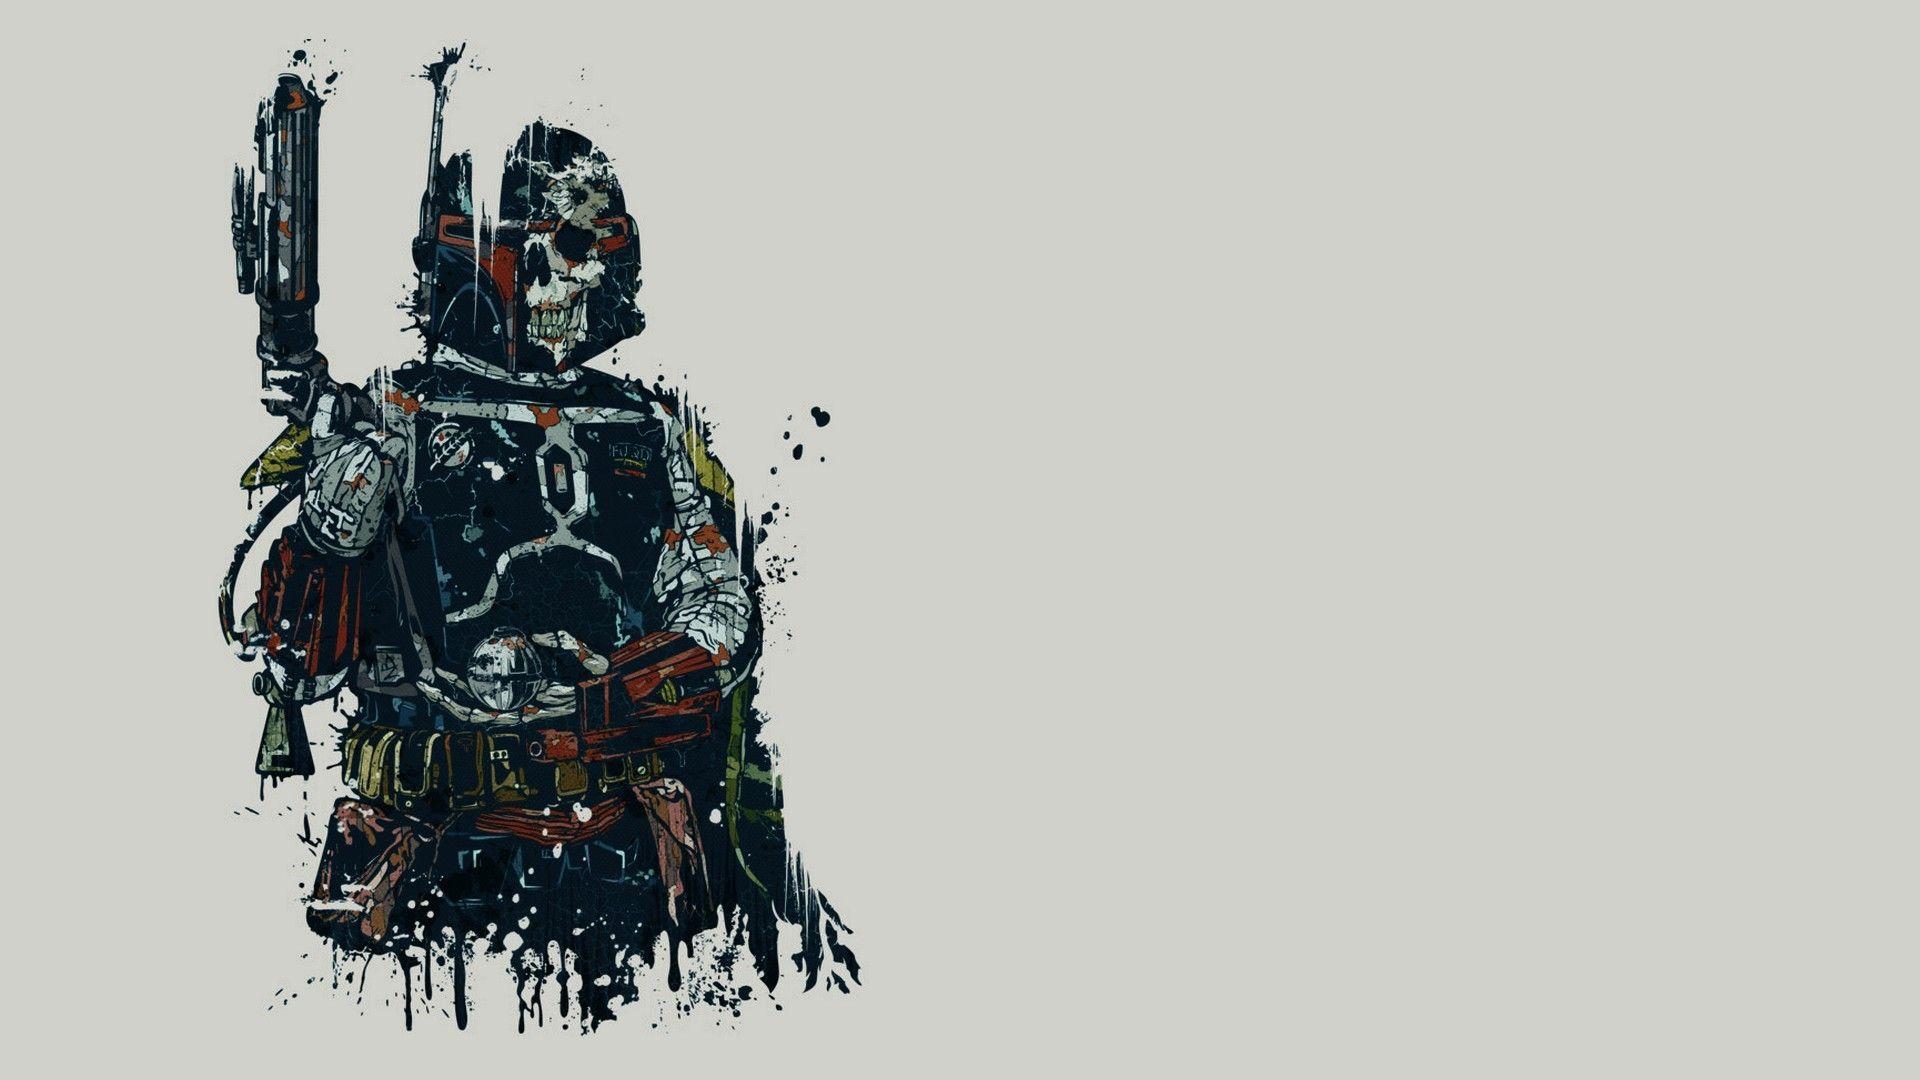 Star Wars Minimalist Free Desktop Wallpaper